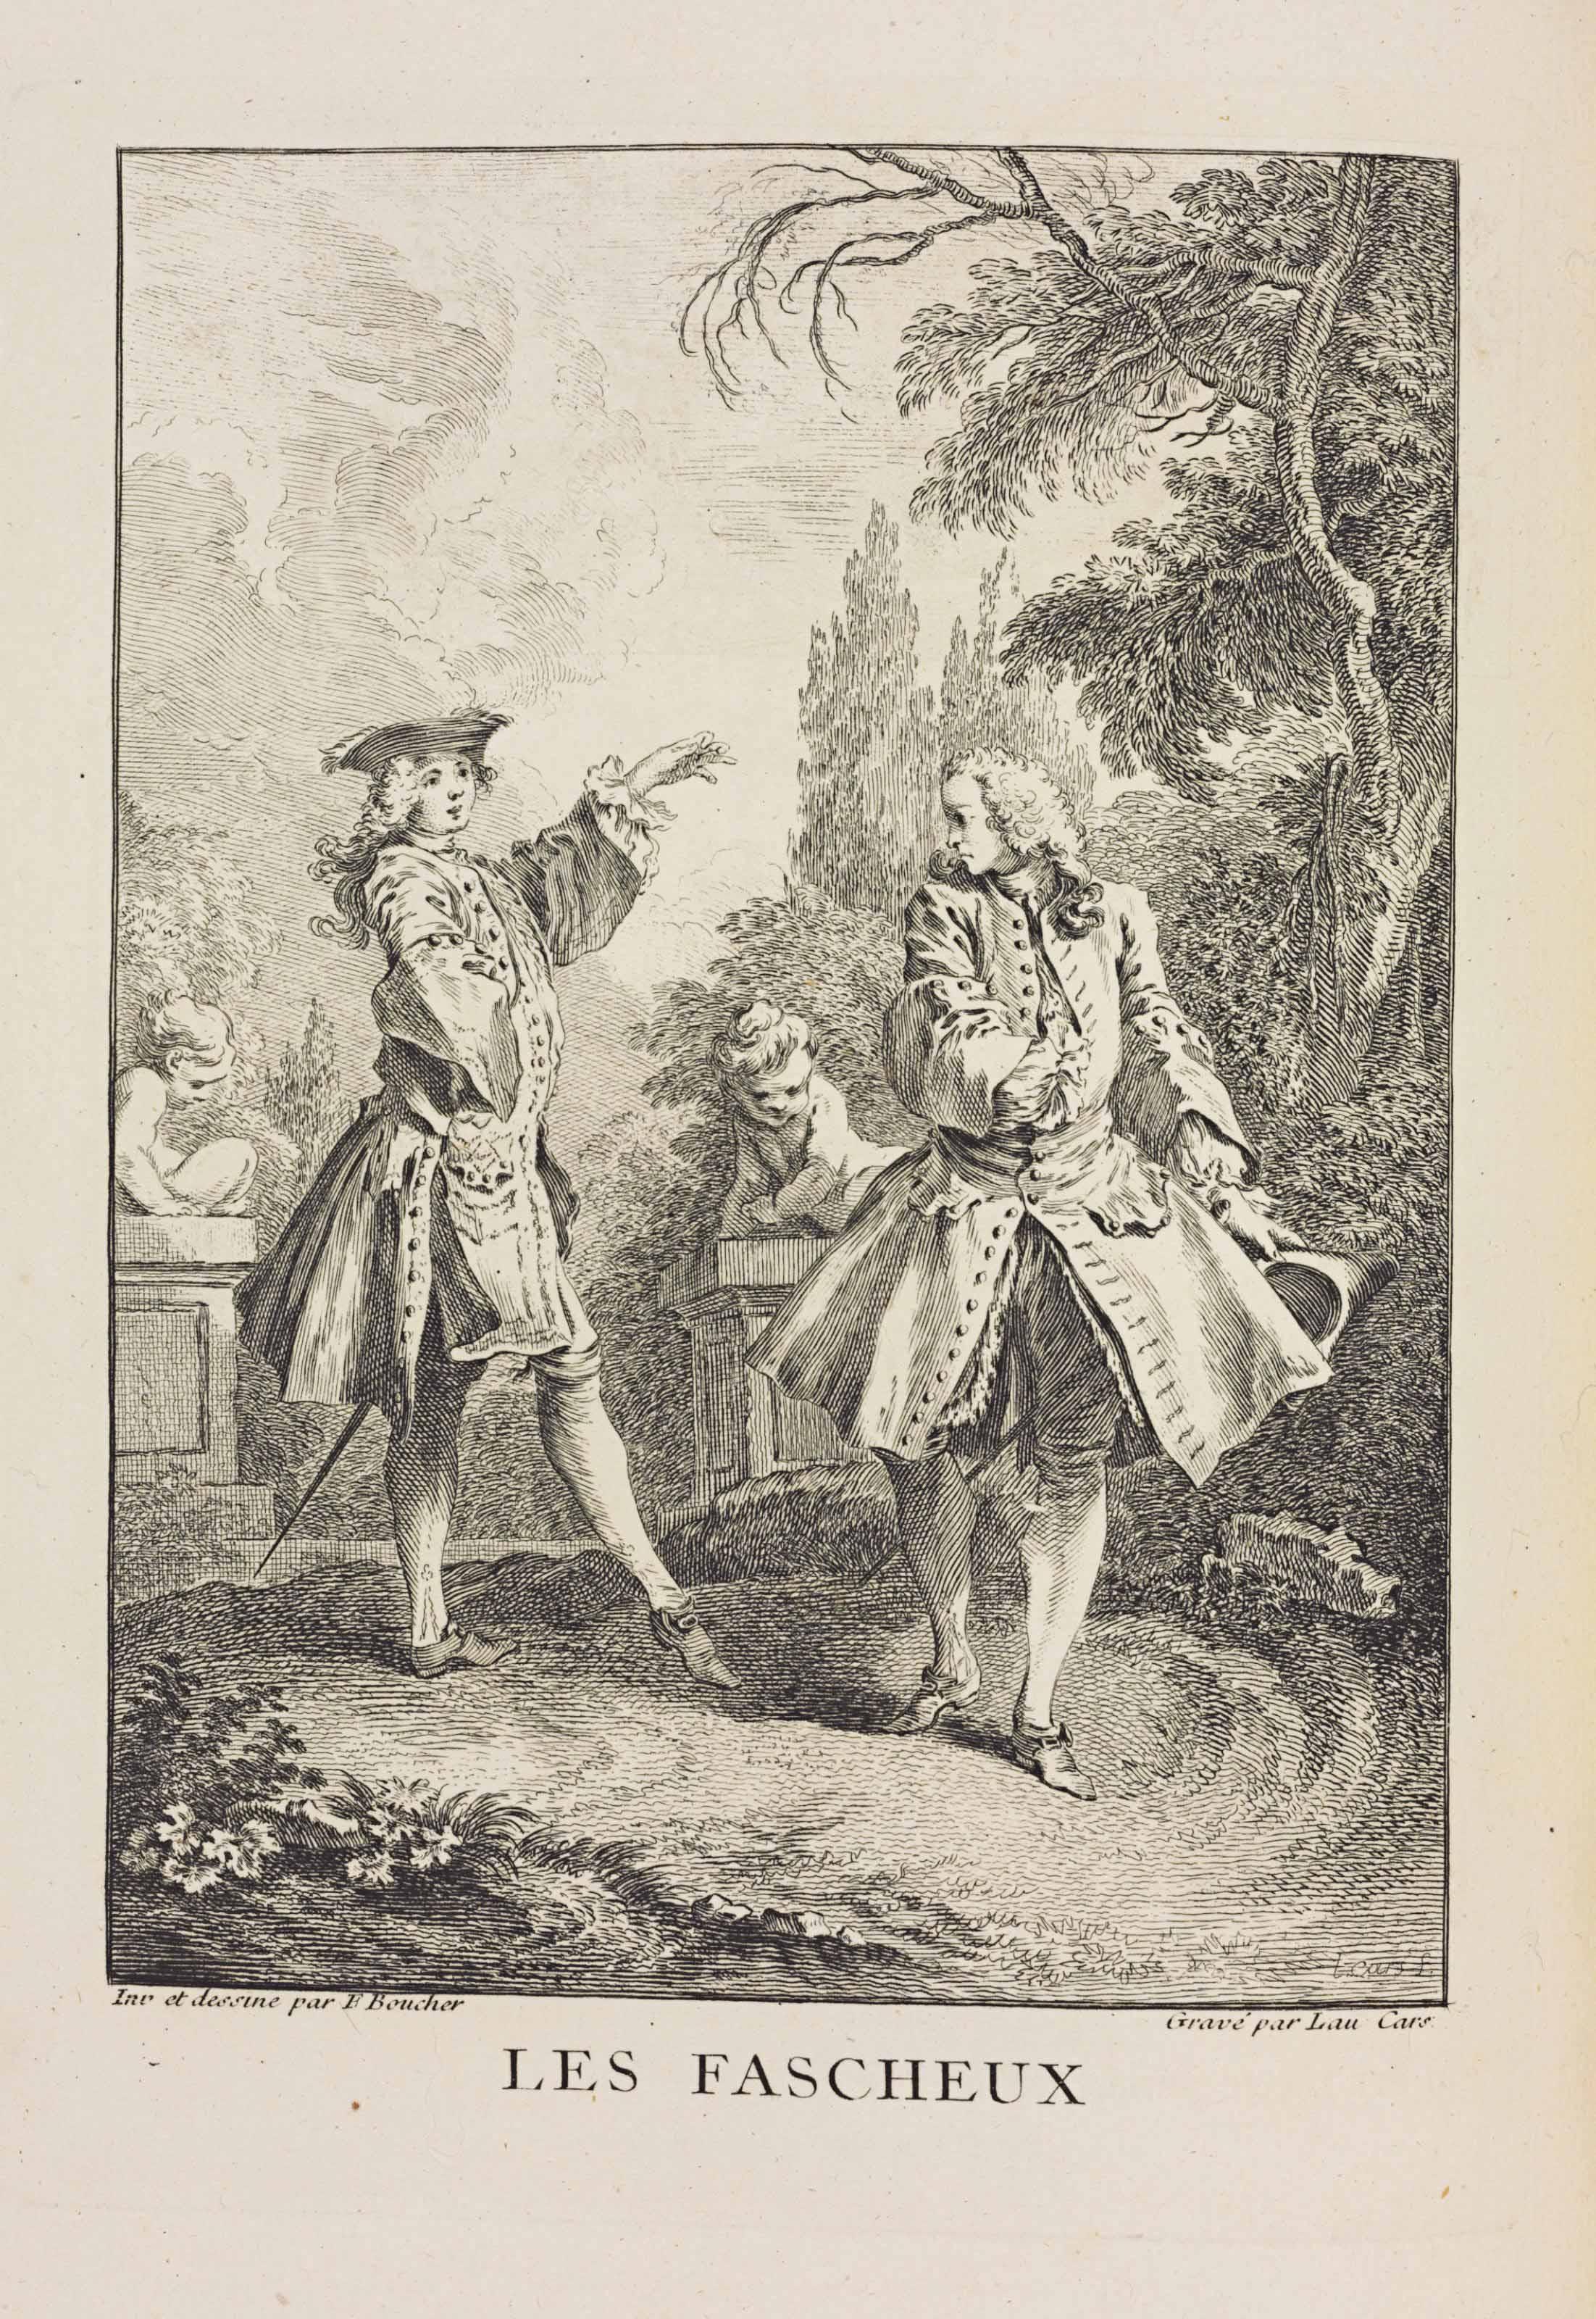 MOLIÈRE, Jean Baptiste Poquelin de (1622-1673). Oeuvres. Paris: [s.n.], 1734.